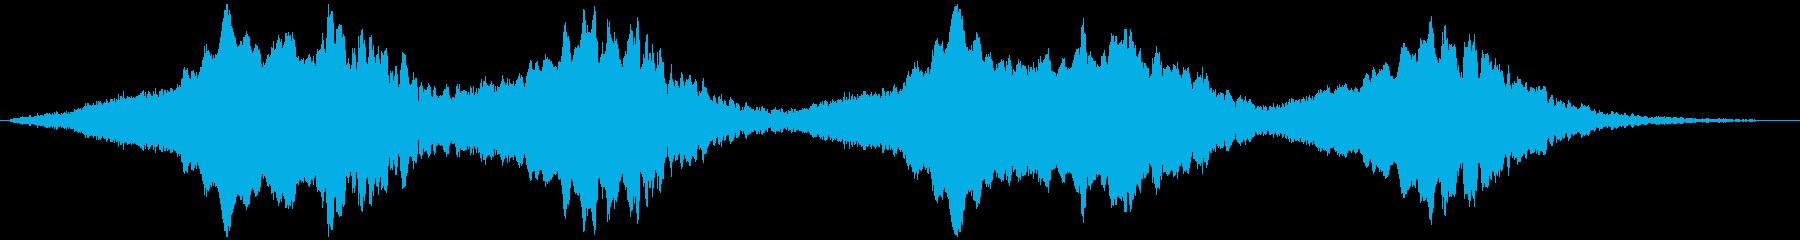 PADS ホエールソング03の再生済みの波形